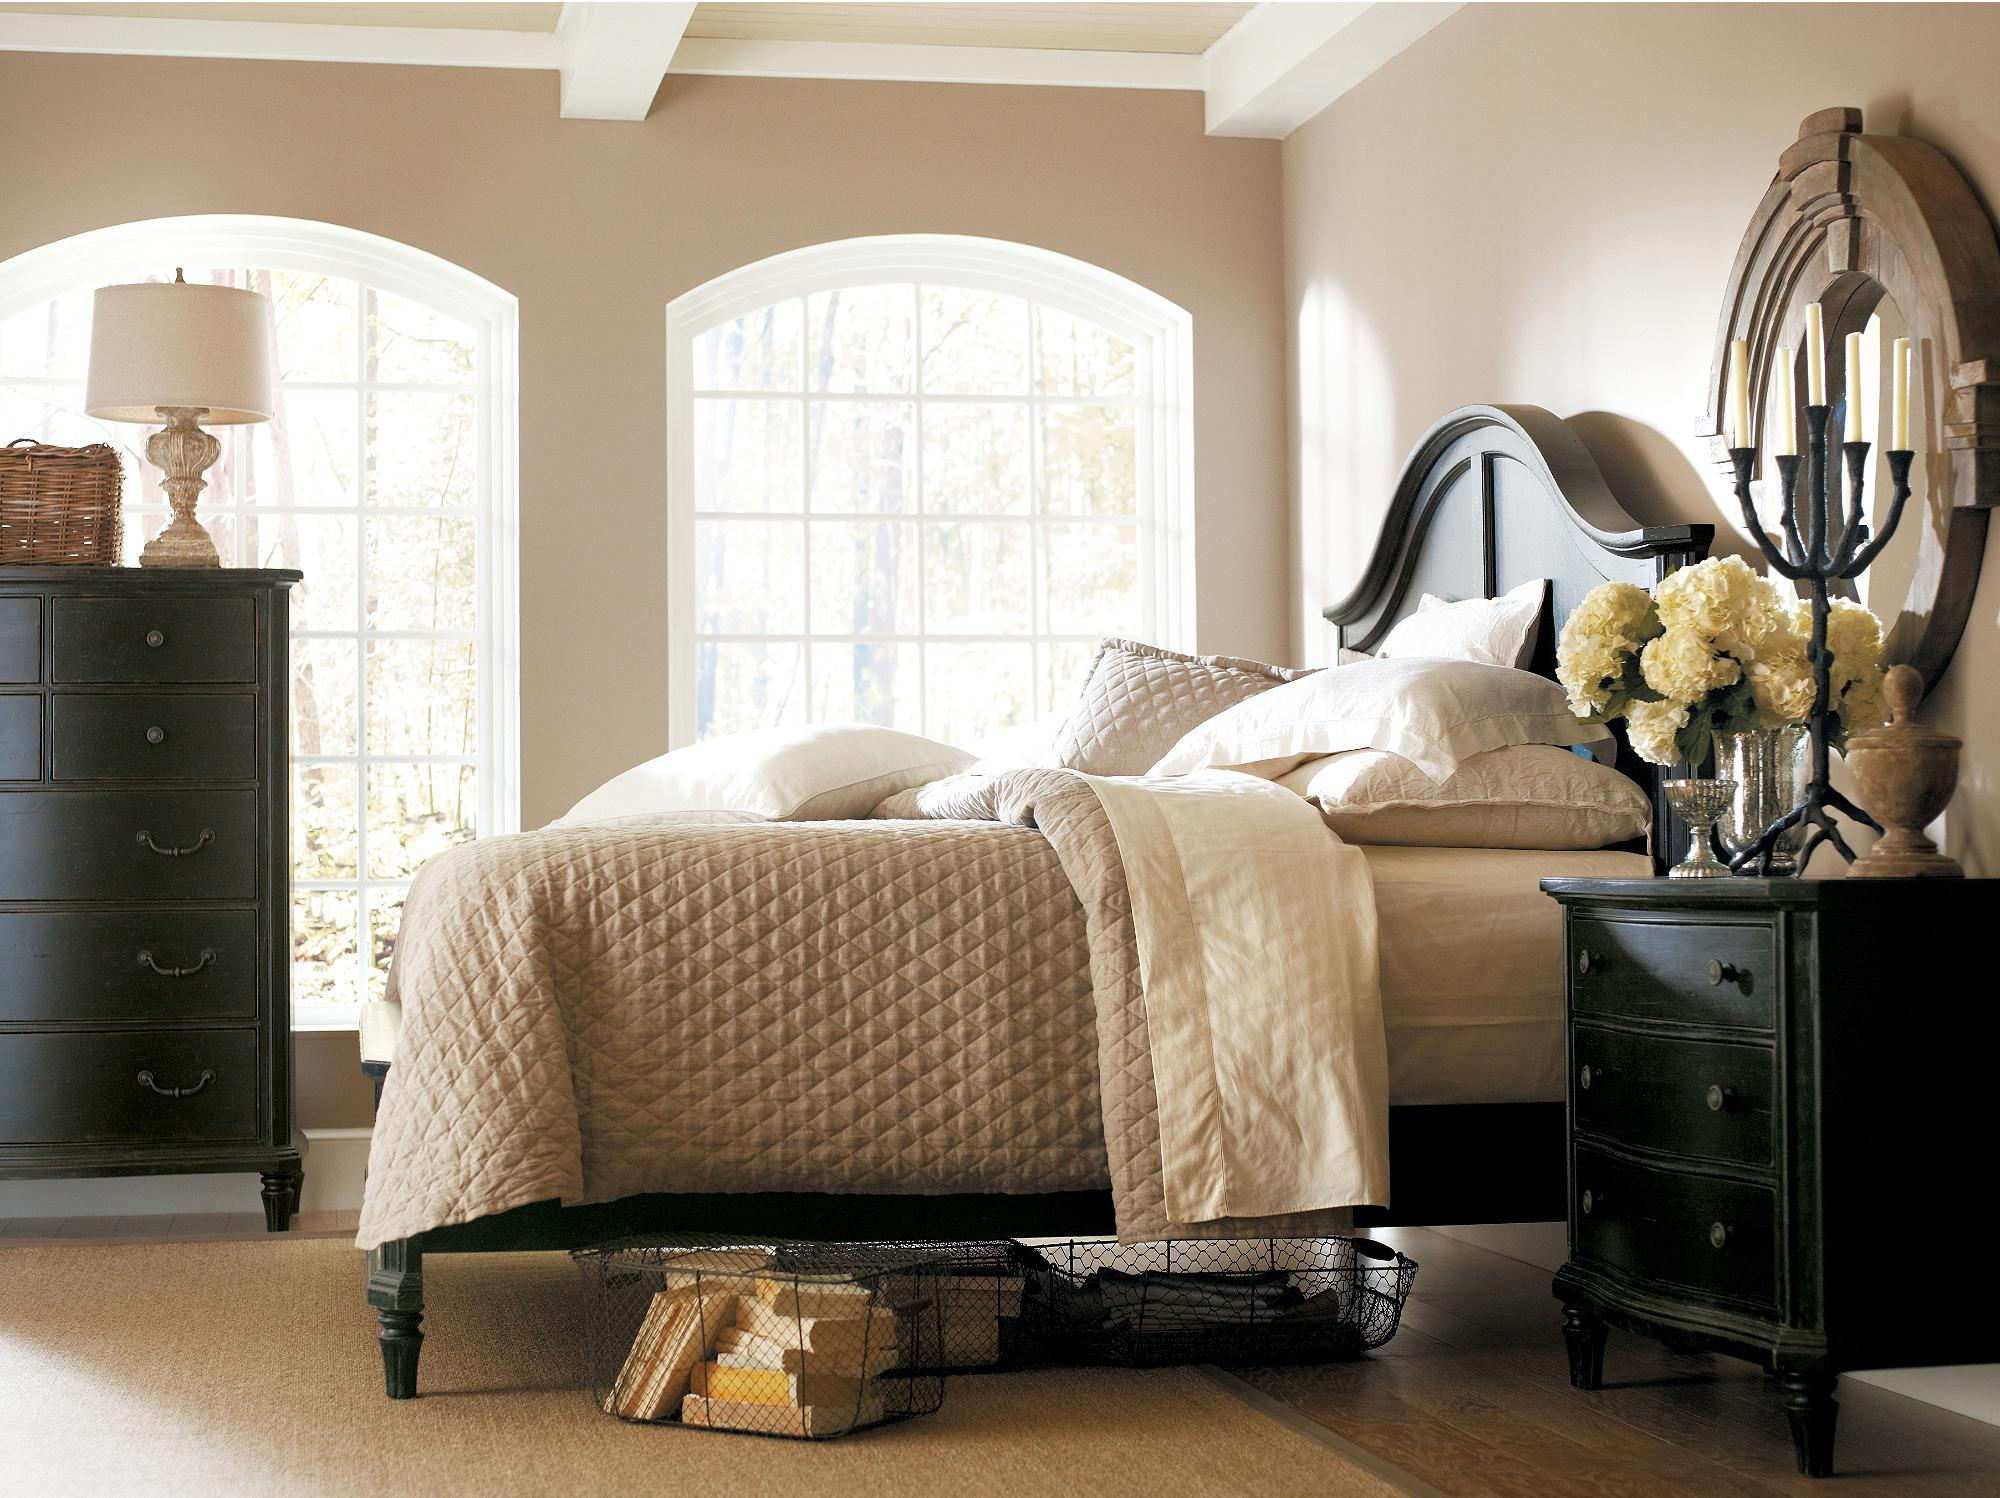 Stanley Furniture European Cottage King Bedroom Group - Item Number: 007-83 K Bedroom Group 1